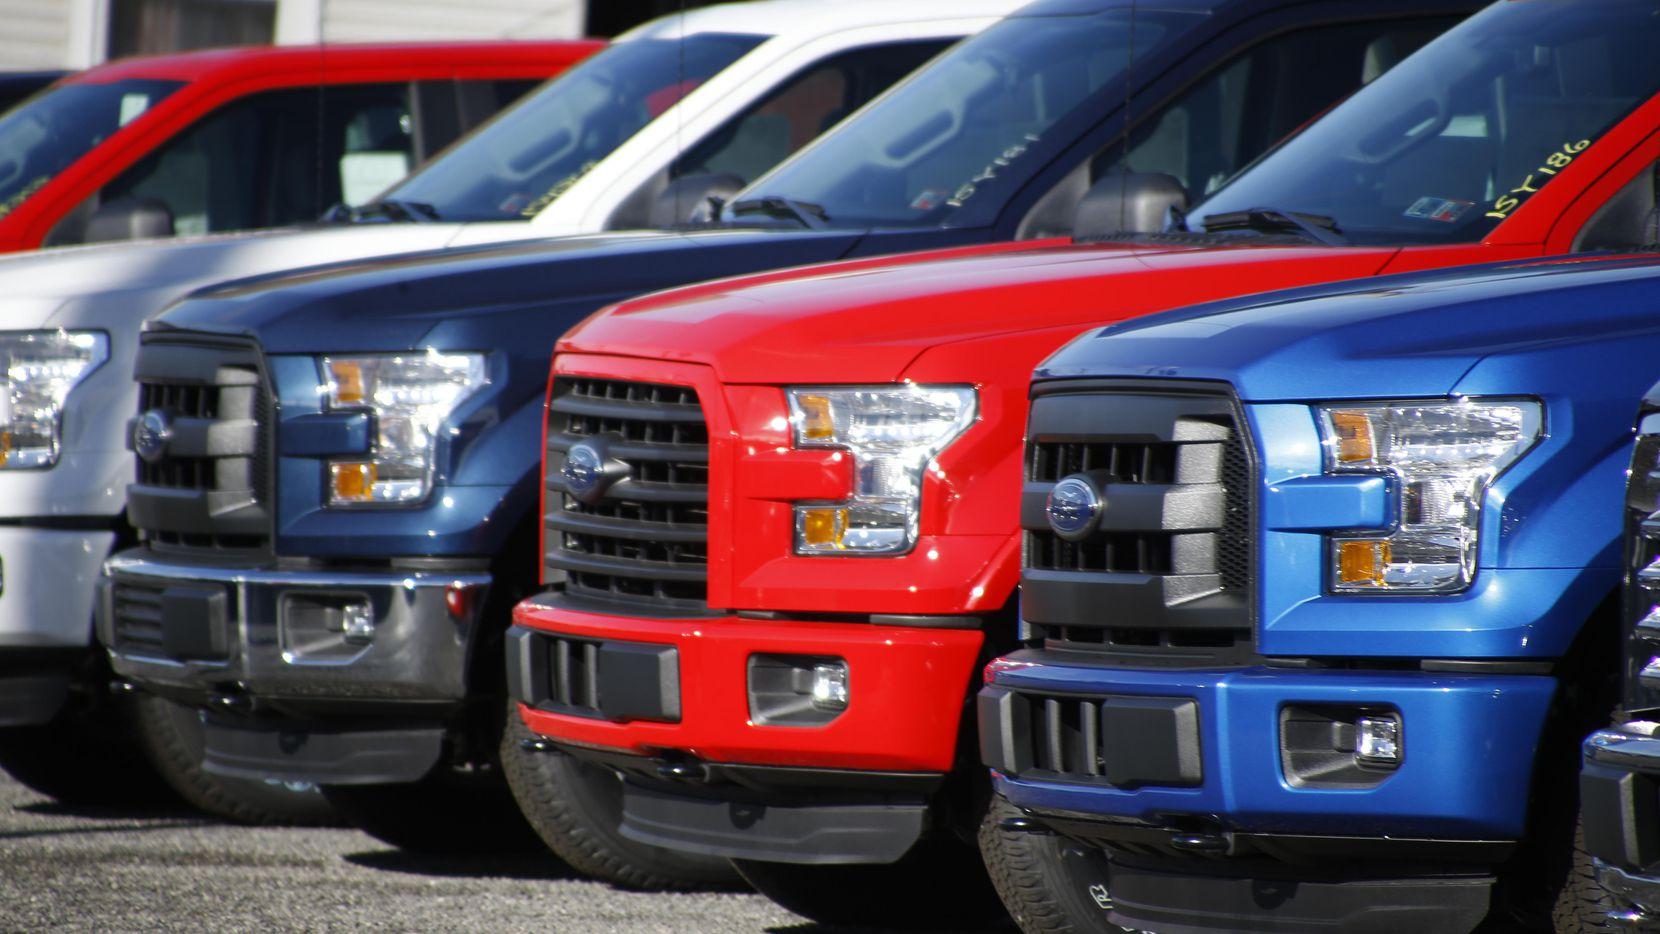 Vehículos F-150 de Ford, el vehículo más vendido en Estados Unidos.(AP)